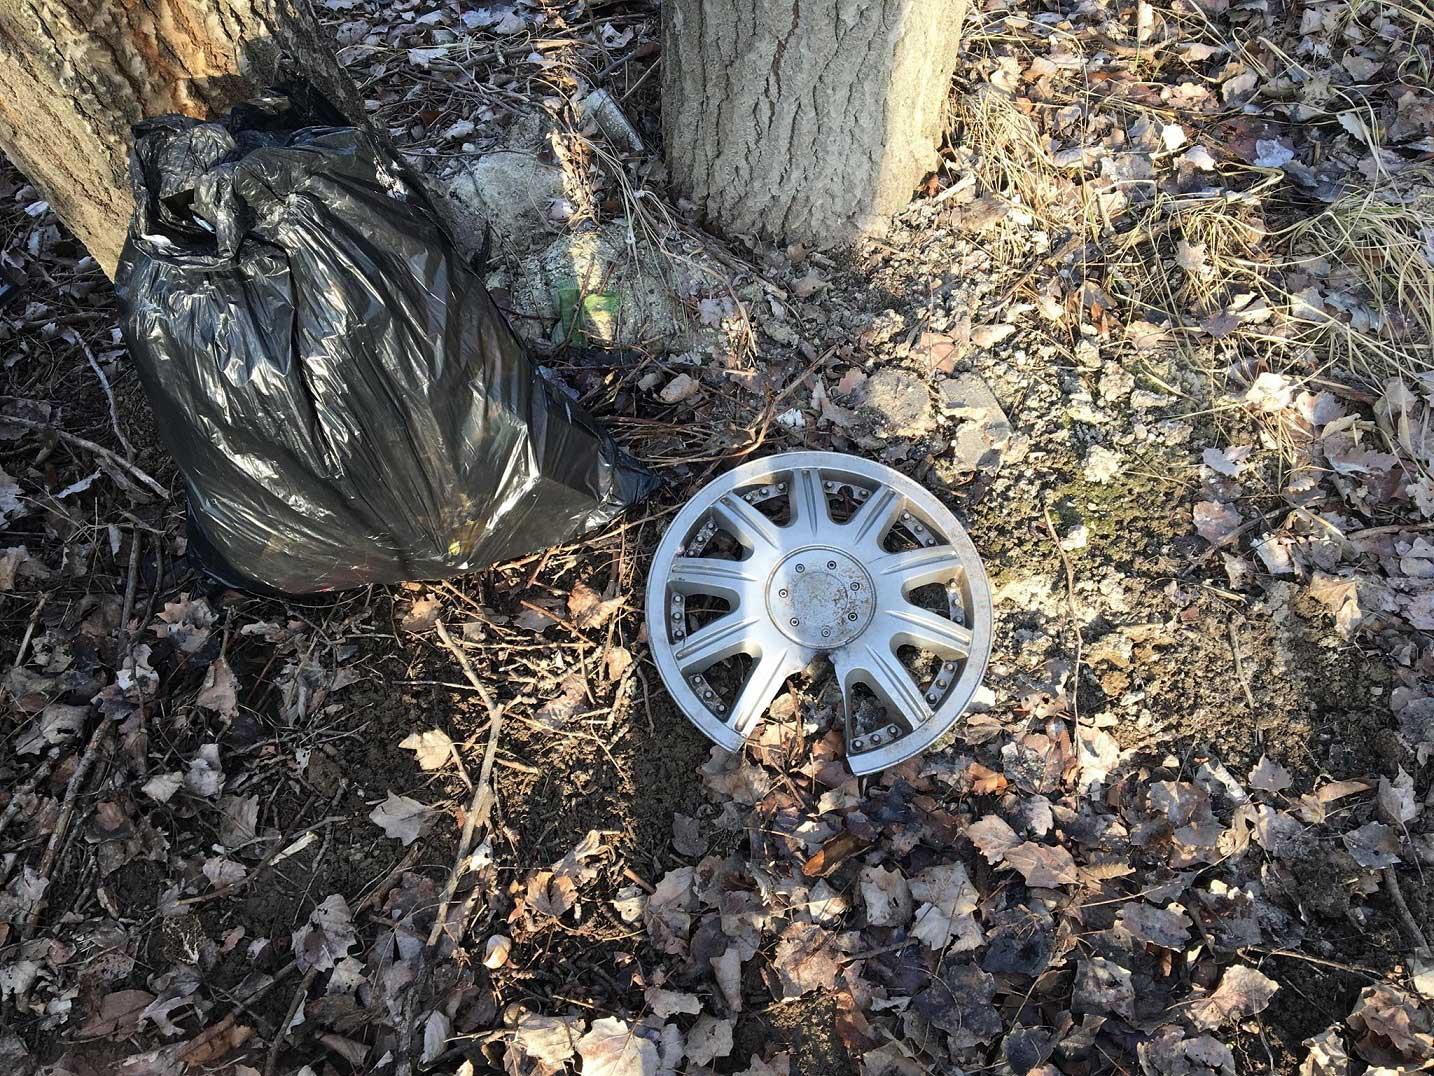 Szinte mindenféle hulladék megtalálható volt az erdőben. / Fotó: hulladekvadasz.hu